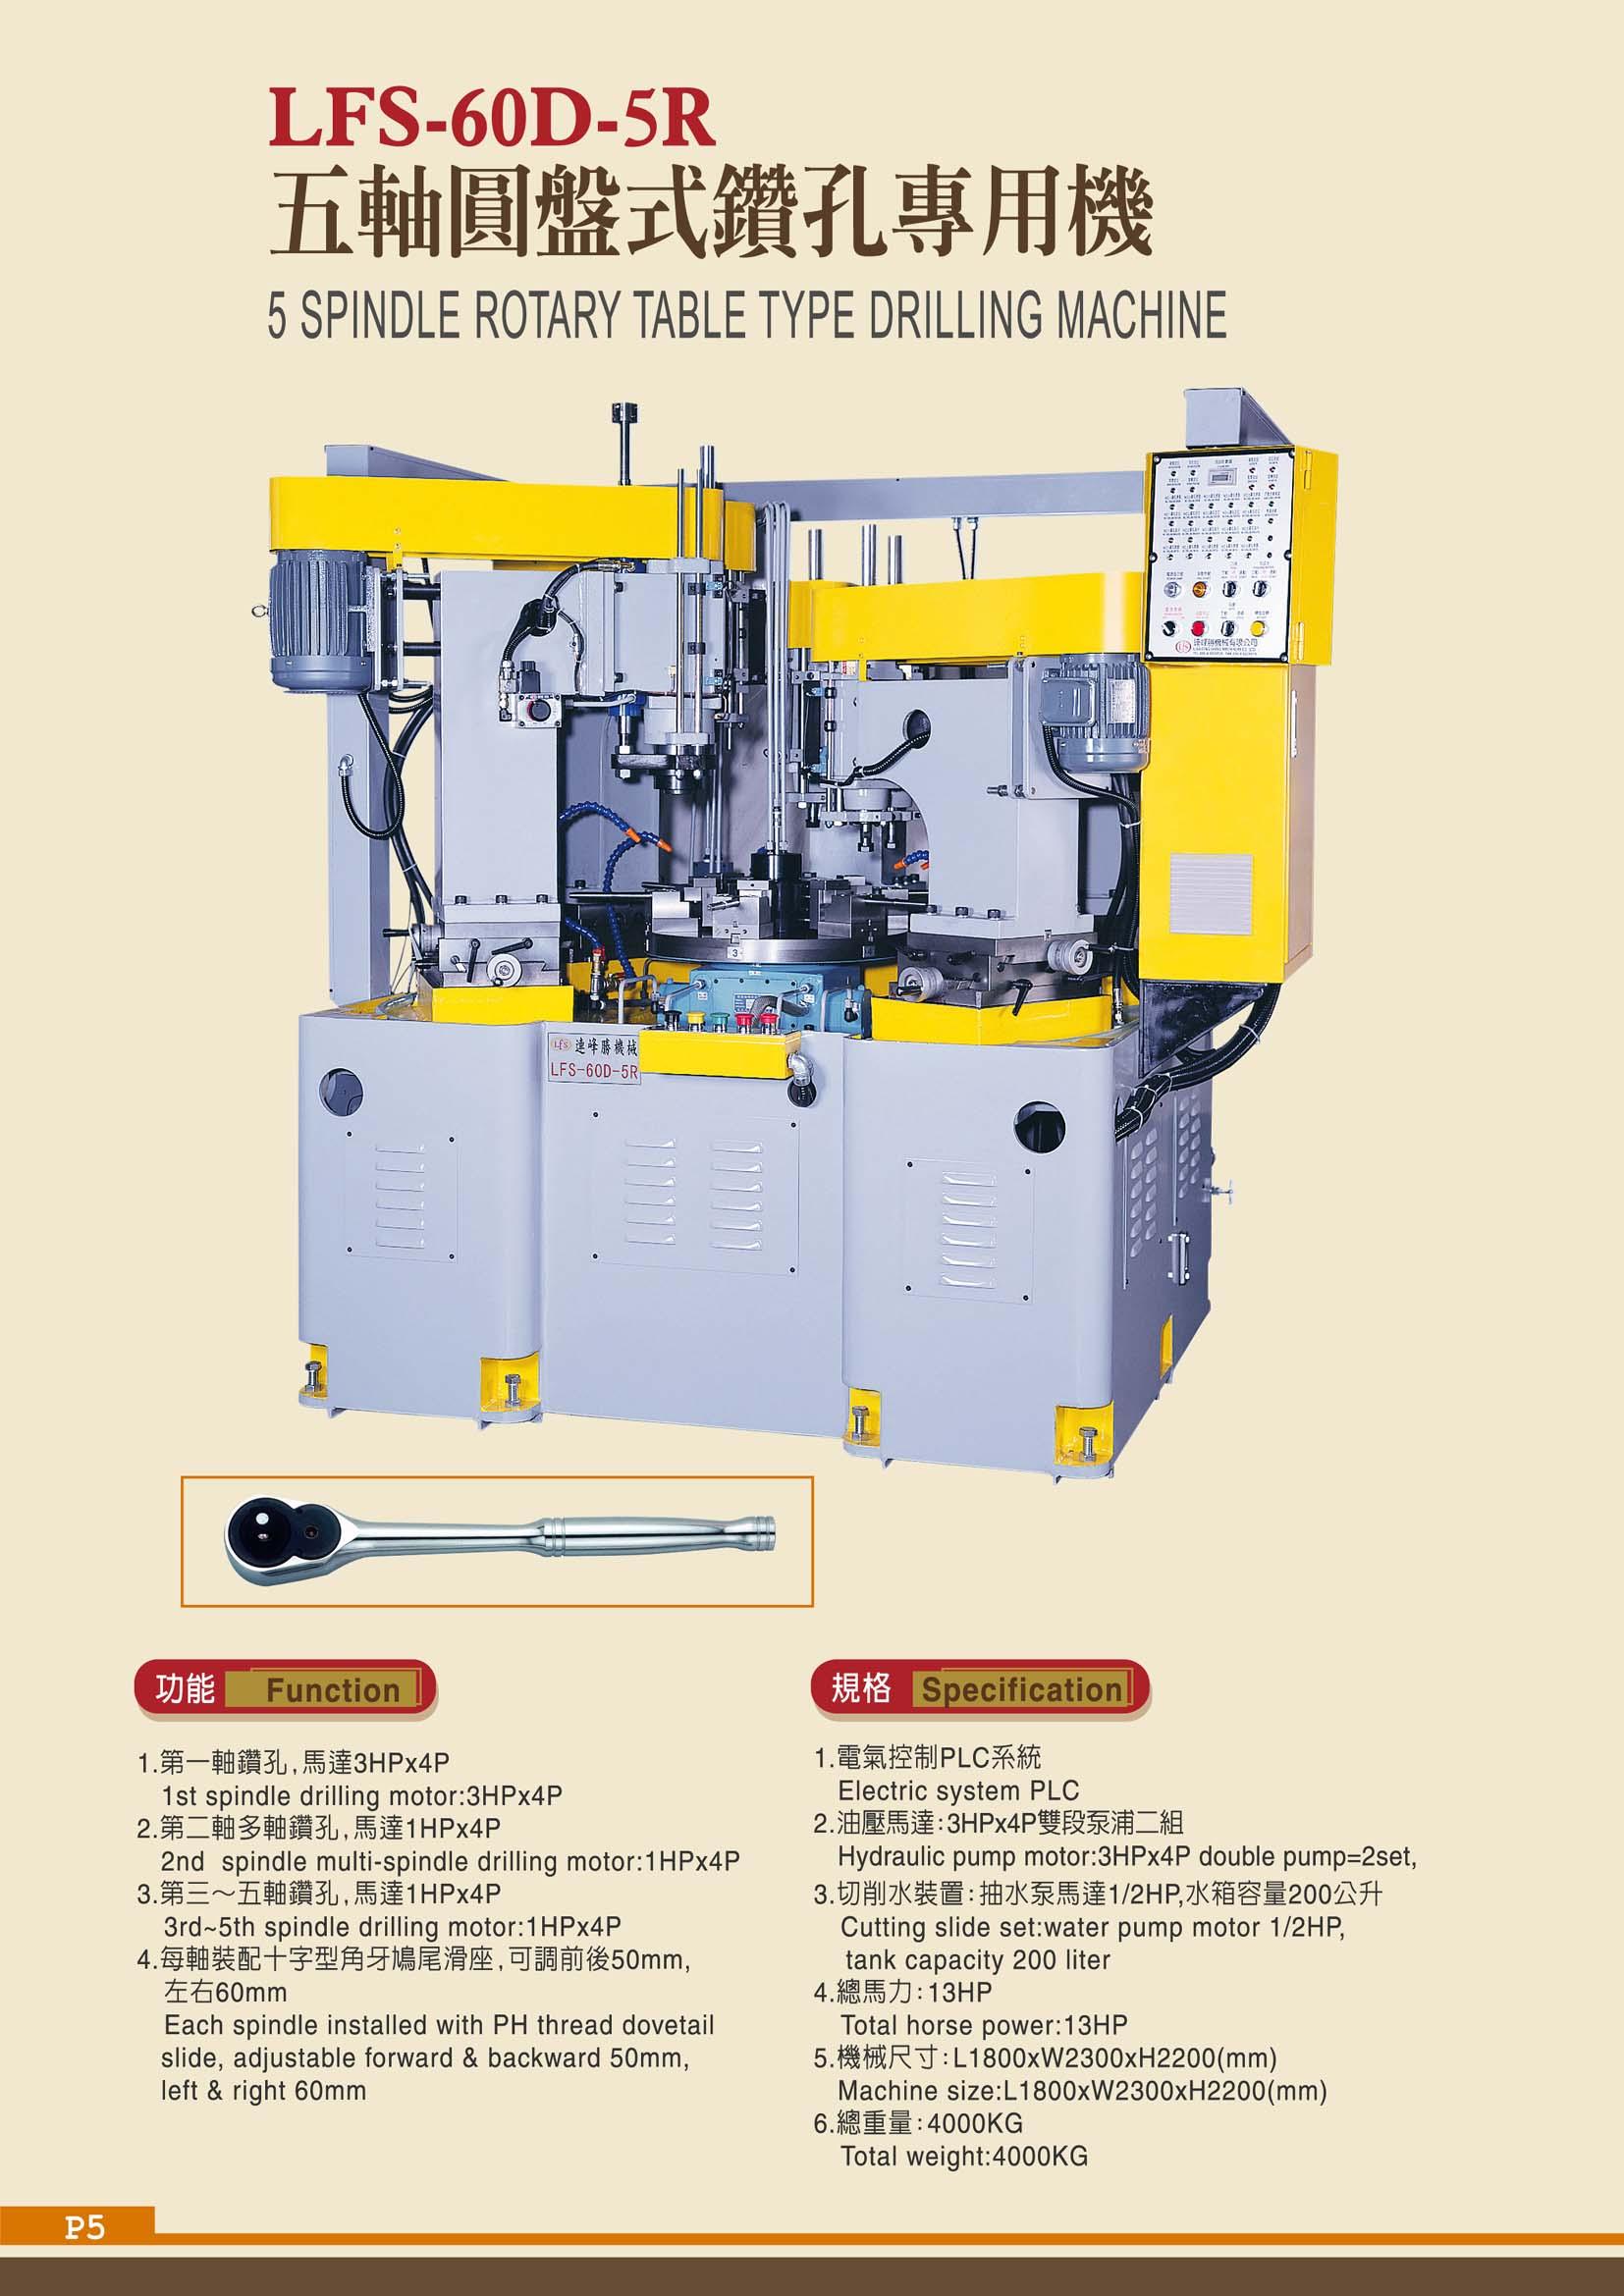 五轴转盘式加工专用机